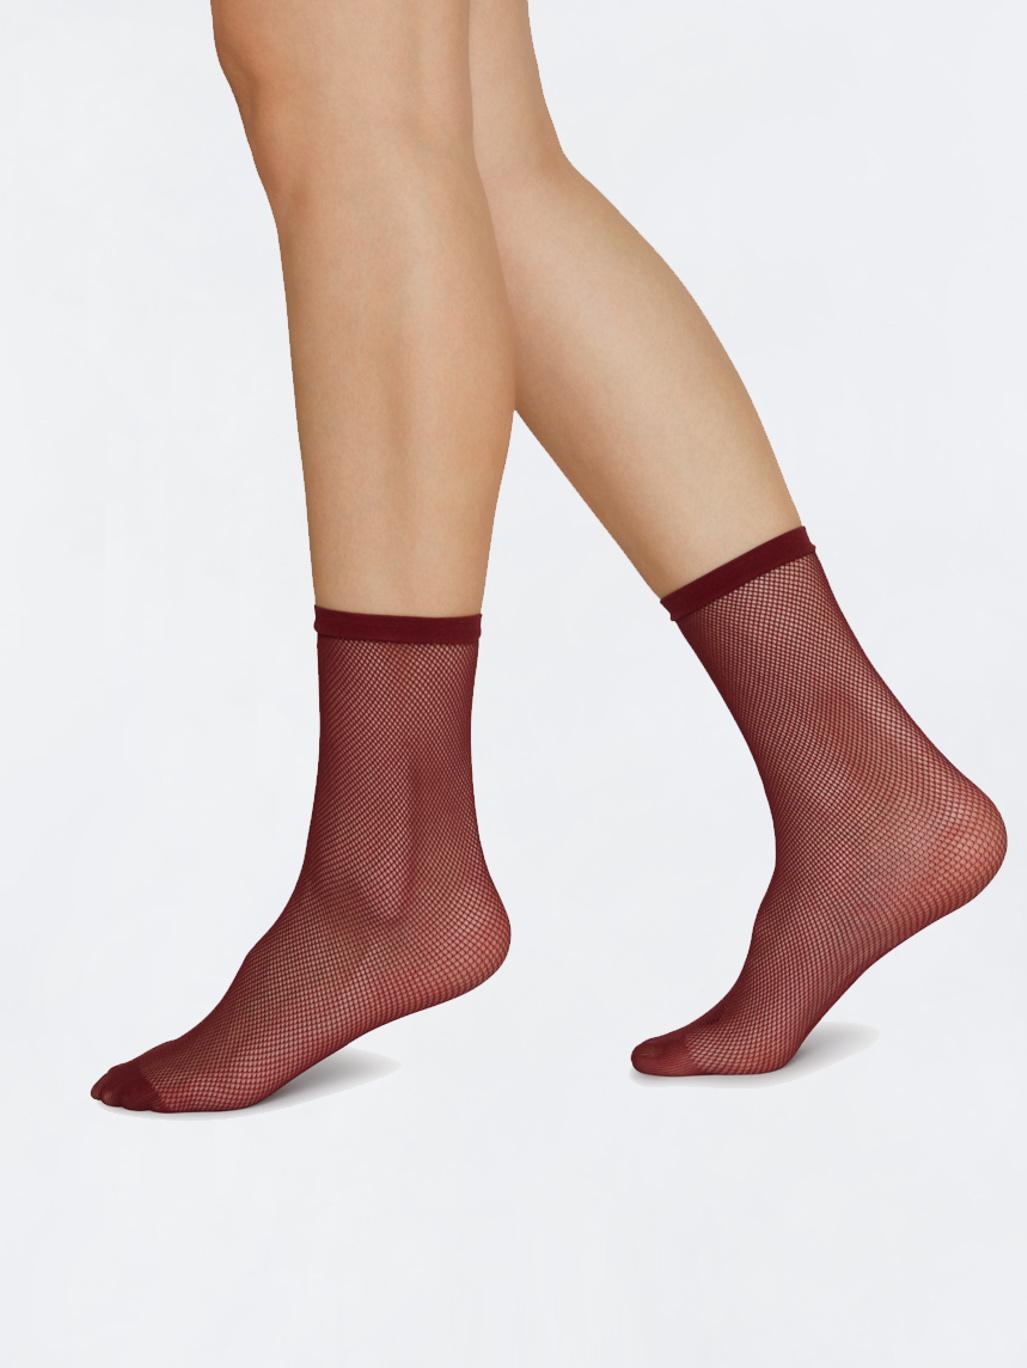 291c3250e8b Elvira Net Socks Wine - Swedish Stockings